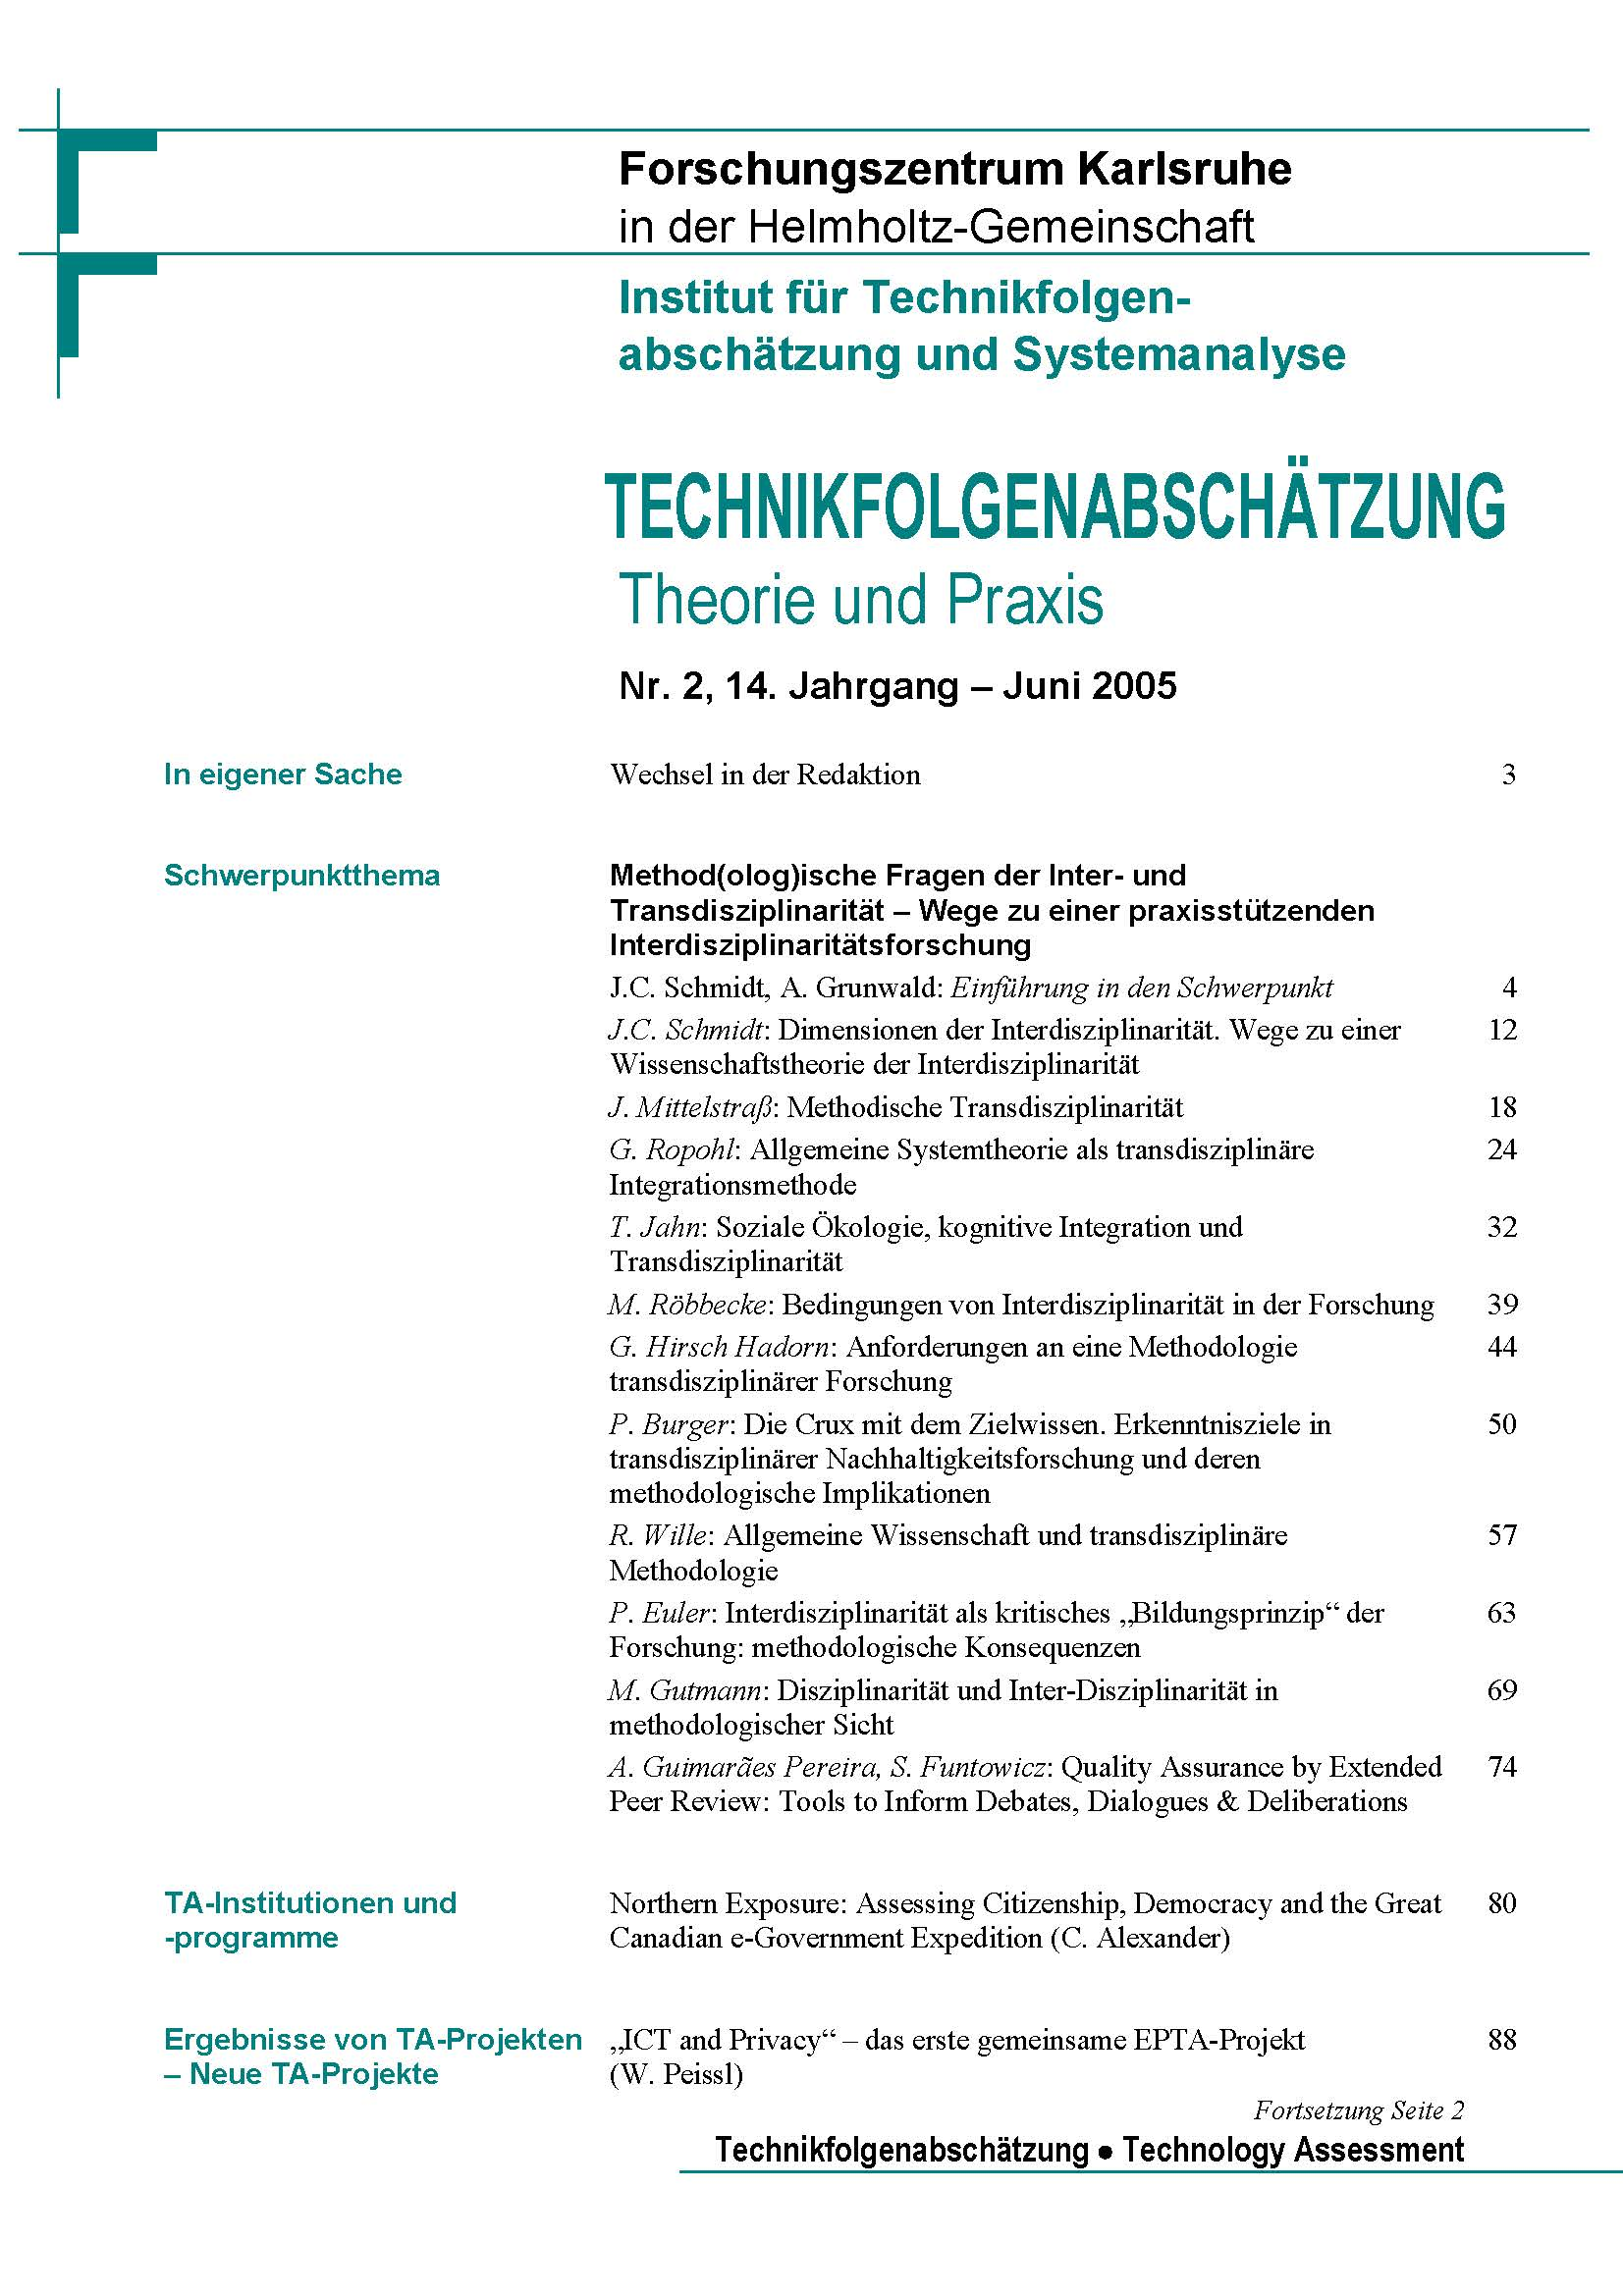 View Vol. 14 No. 2 (2005): Method(olog)ische Fragen der Inter- und Transdisziplinarität